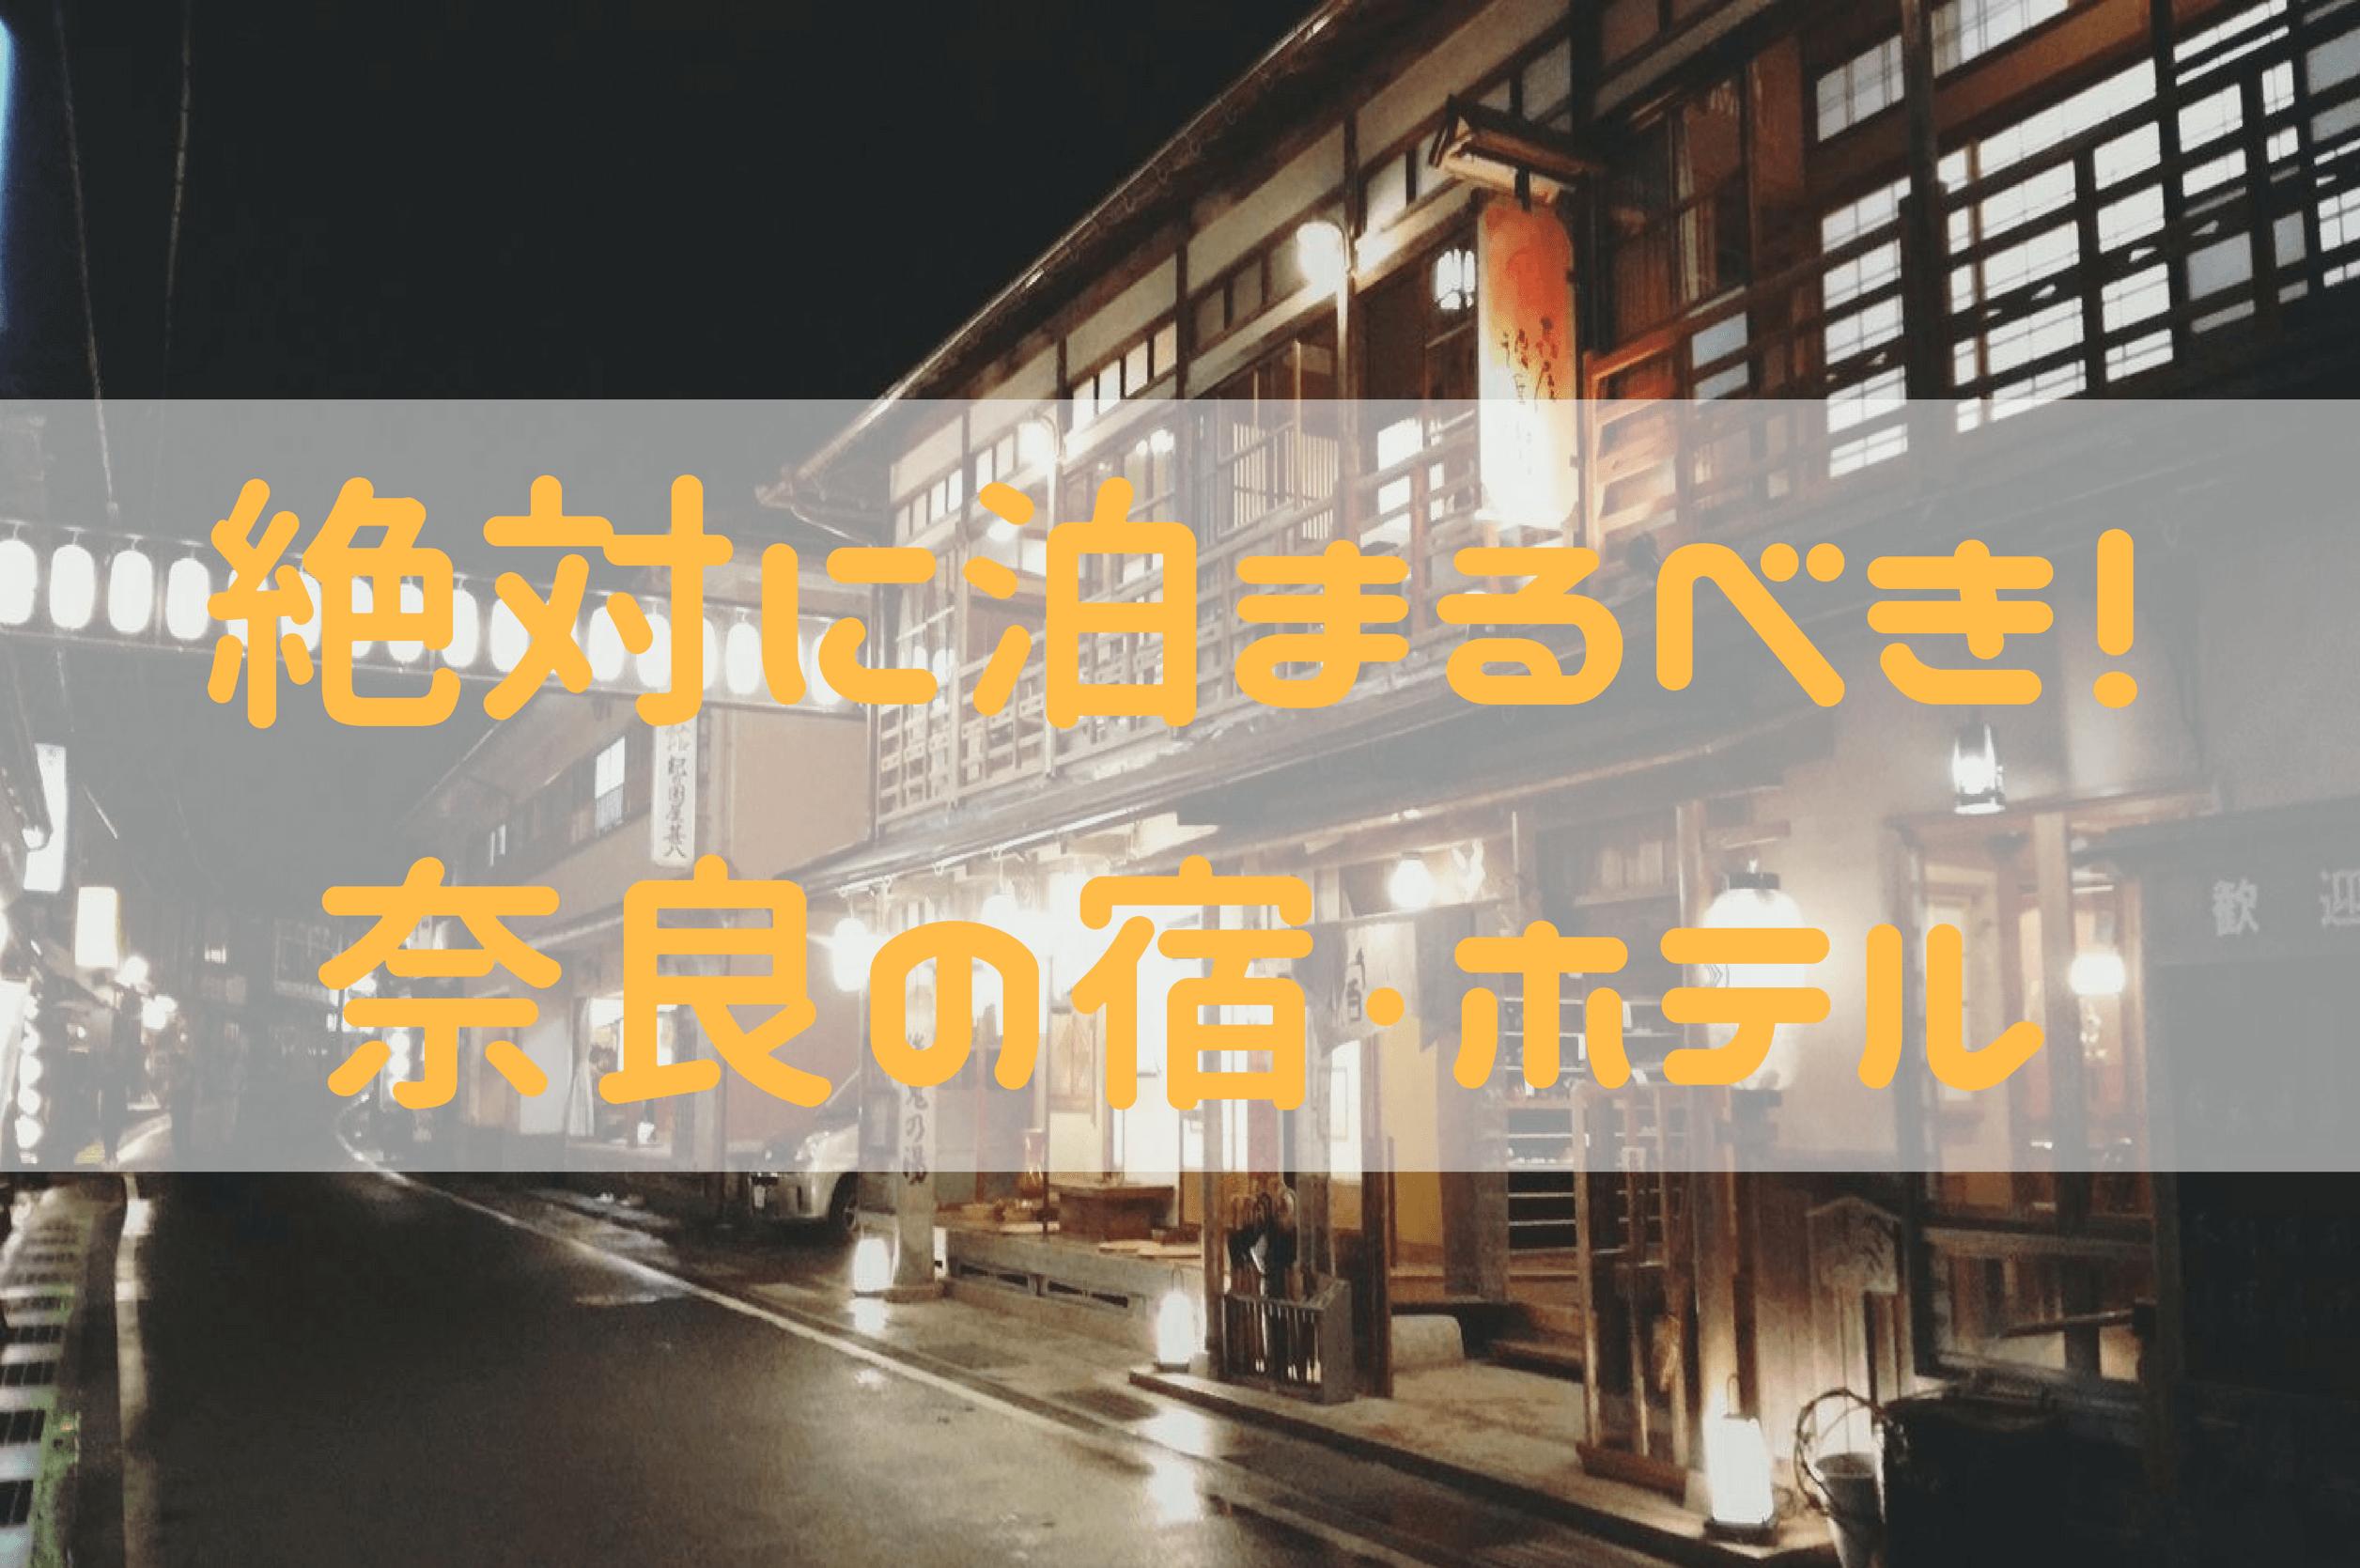 絶対に泊まるべき!奈良の宿・ホテル